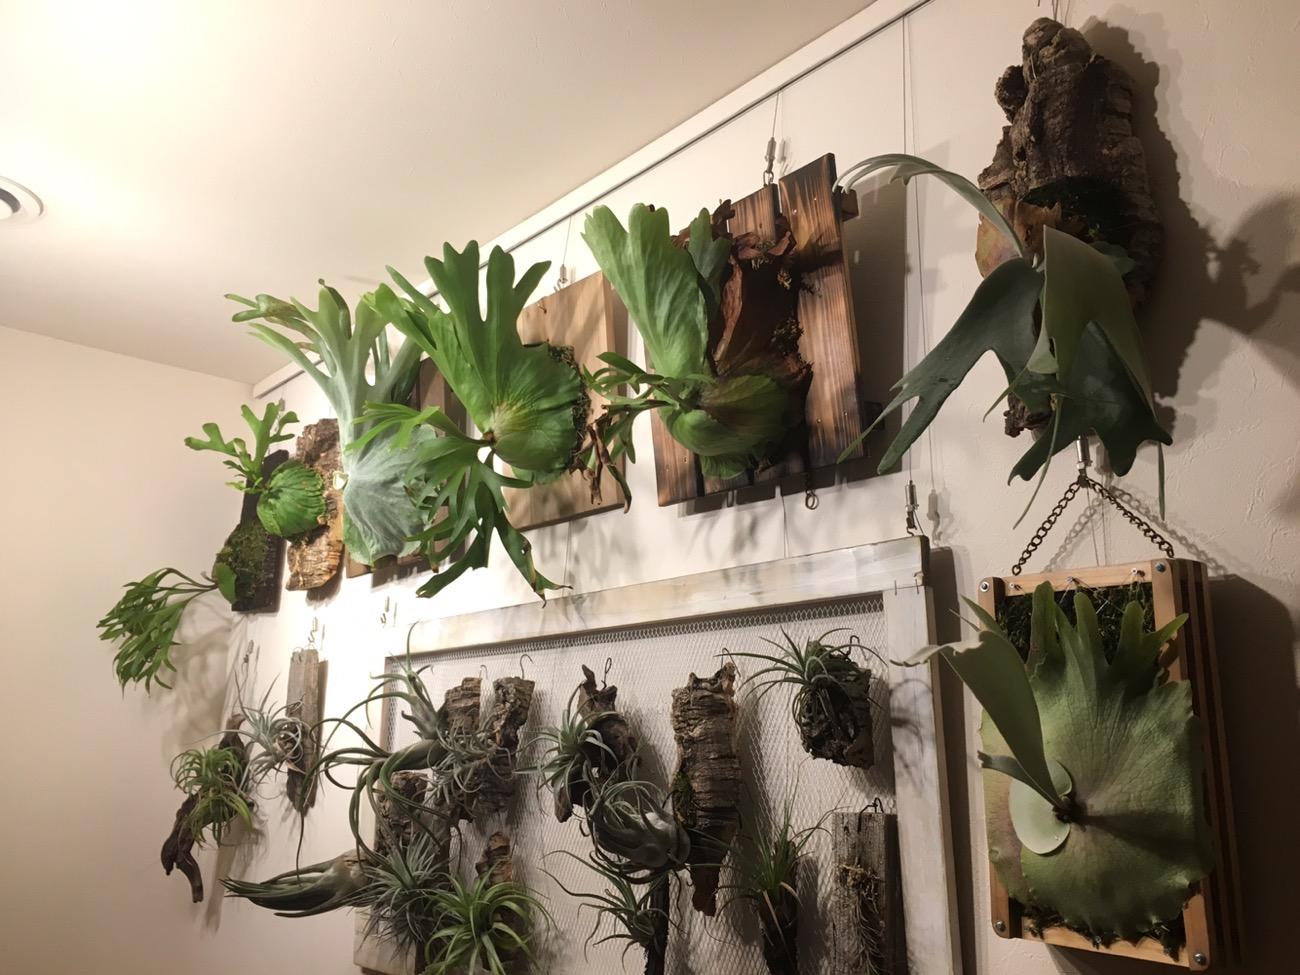 台風に備えて植物を避難。